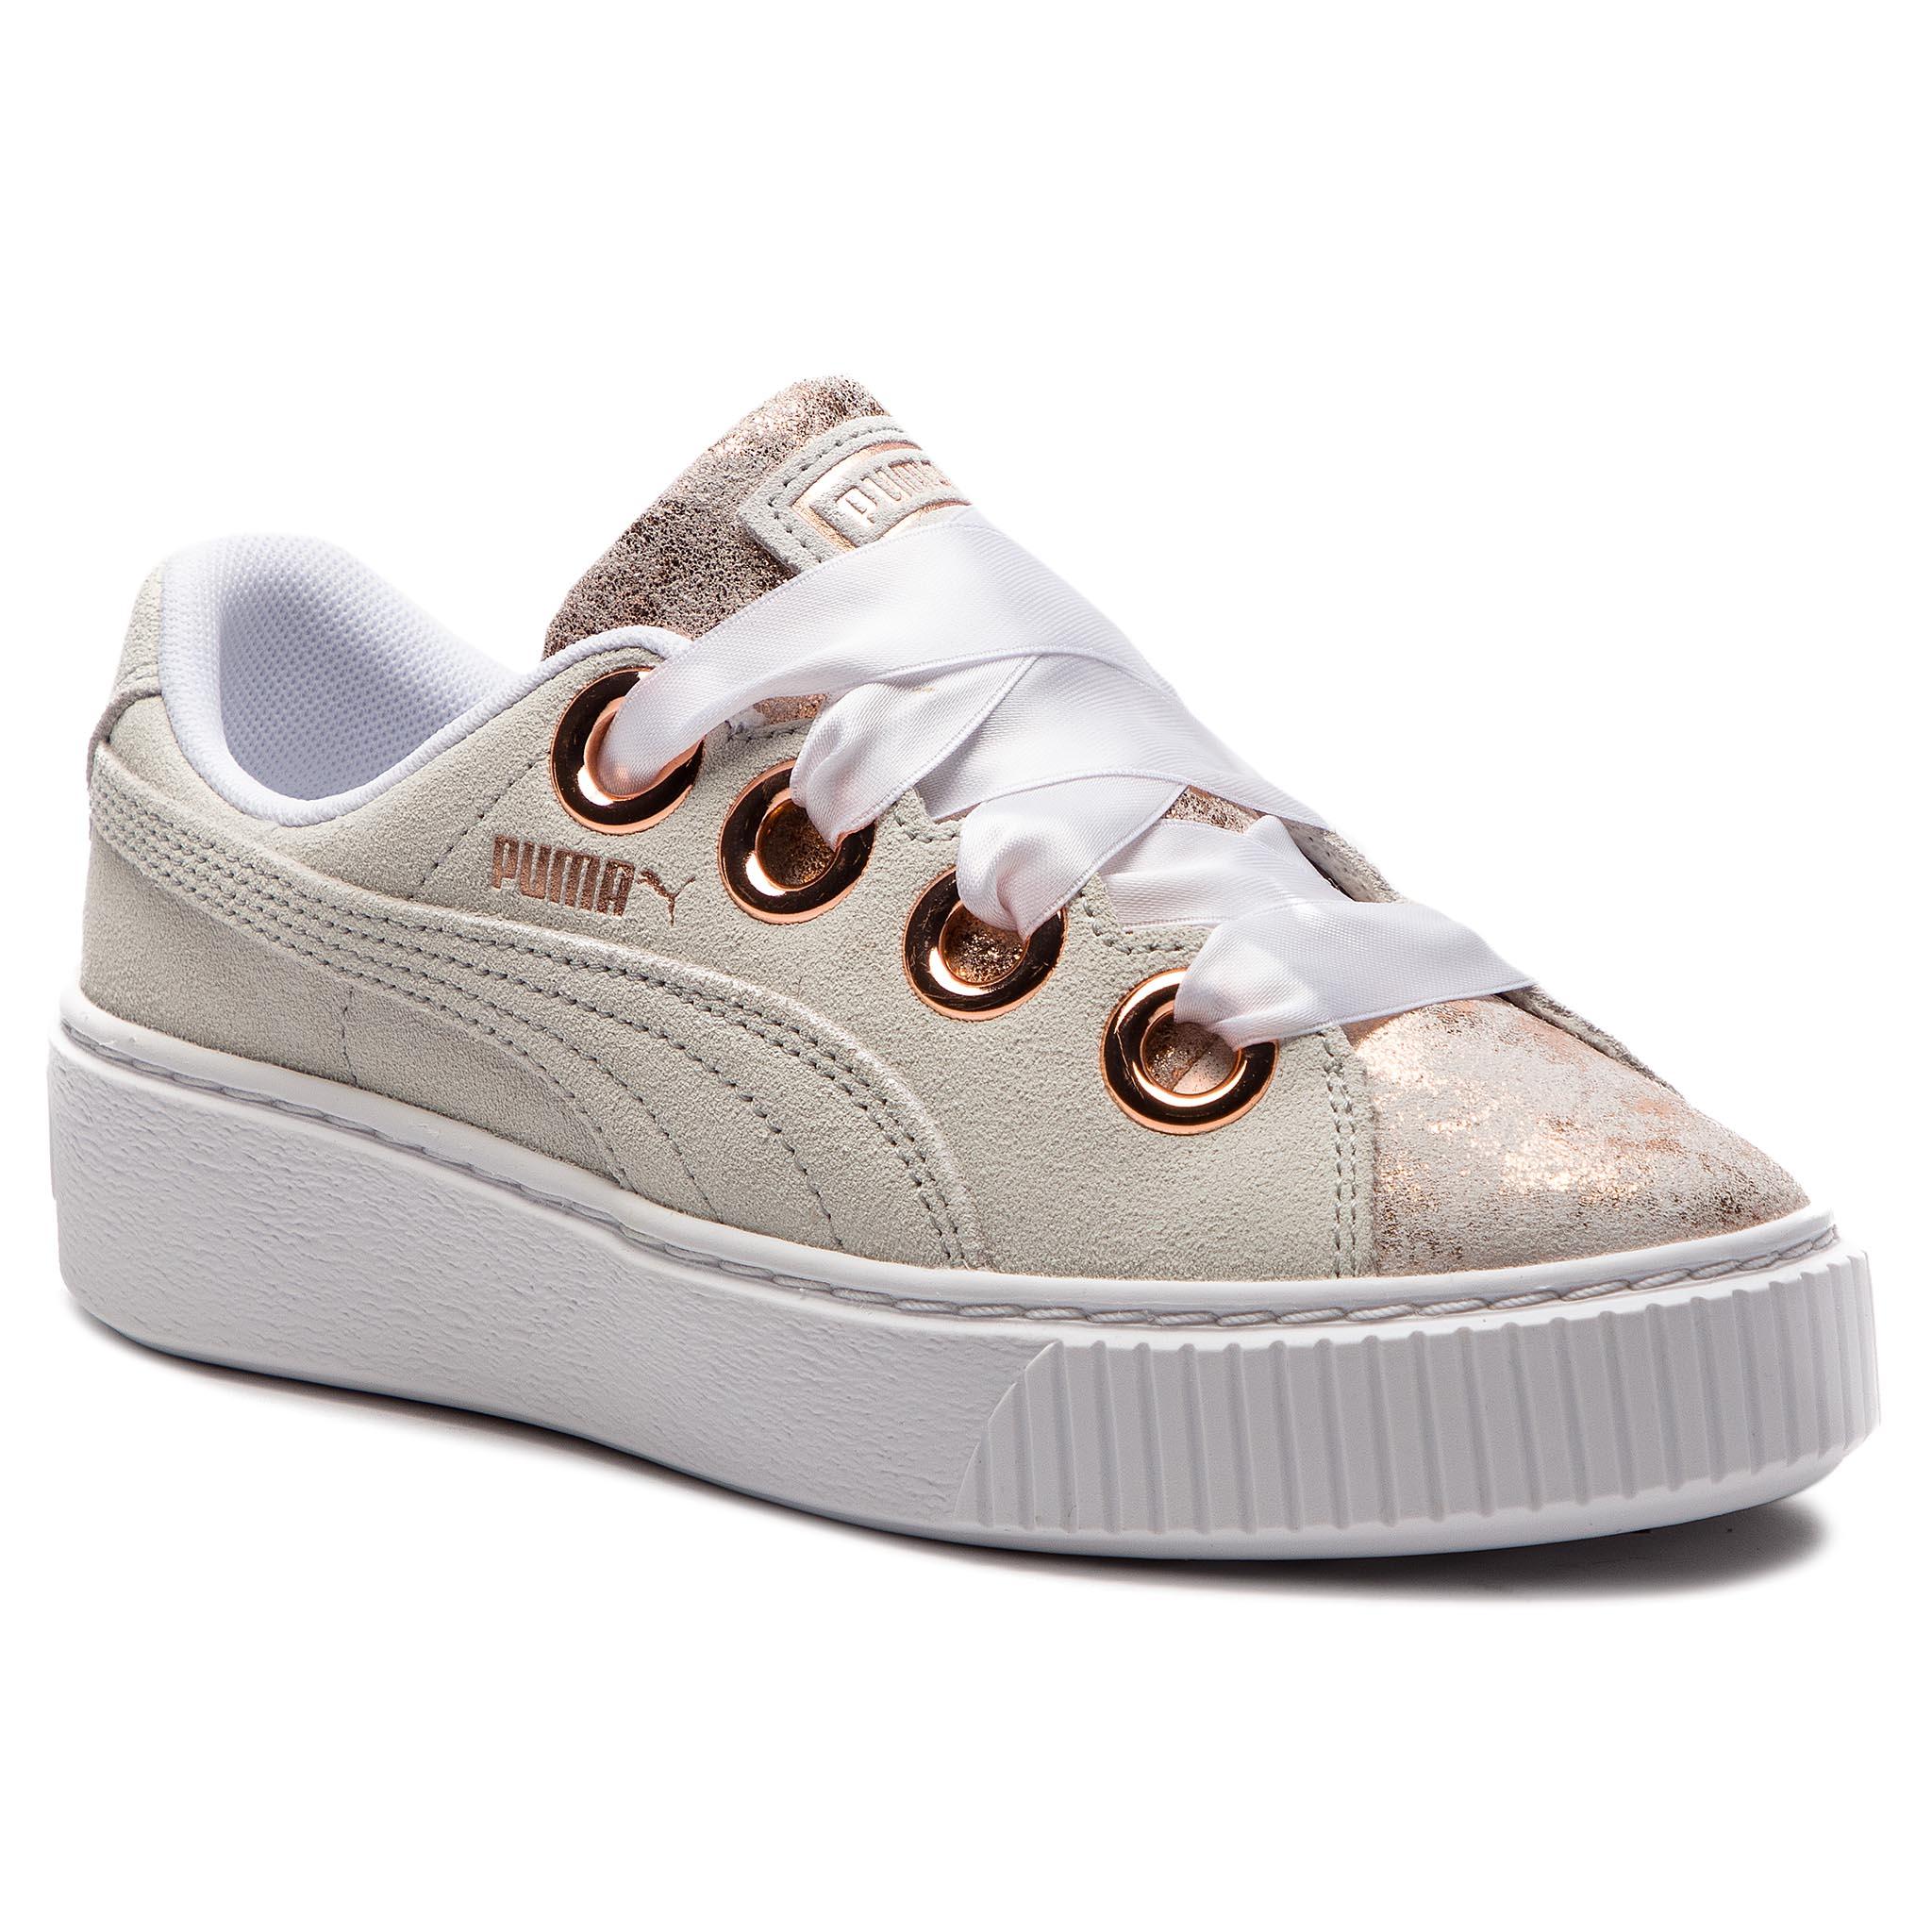 Sneakers PUMA Platform Kiss Ath Lux Wn's 366704 01 Puma